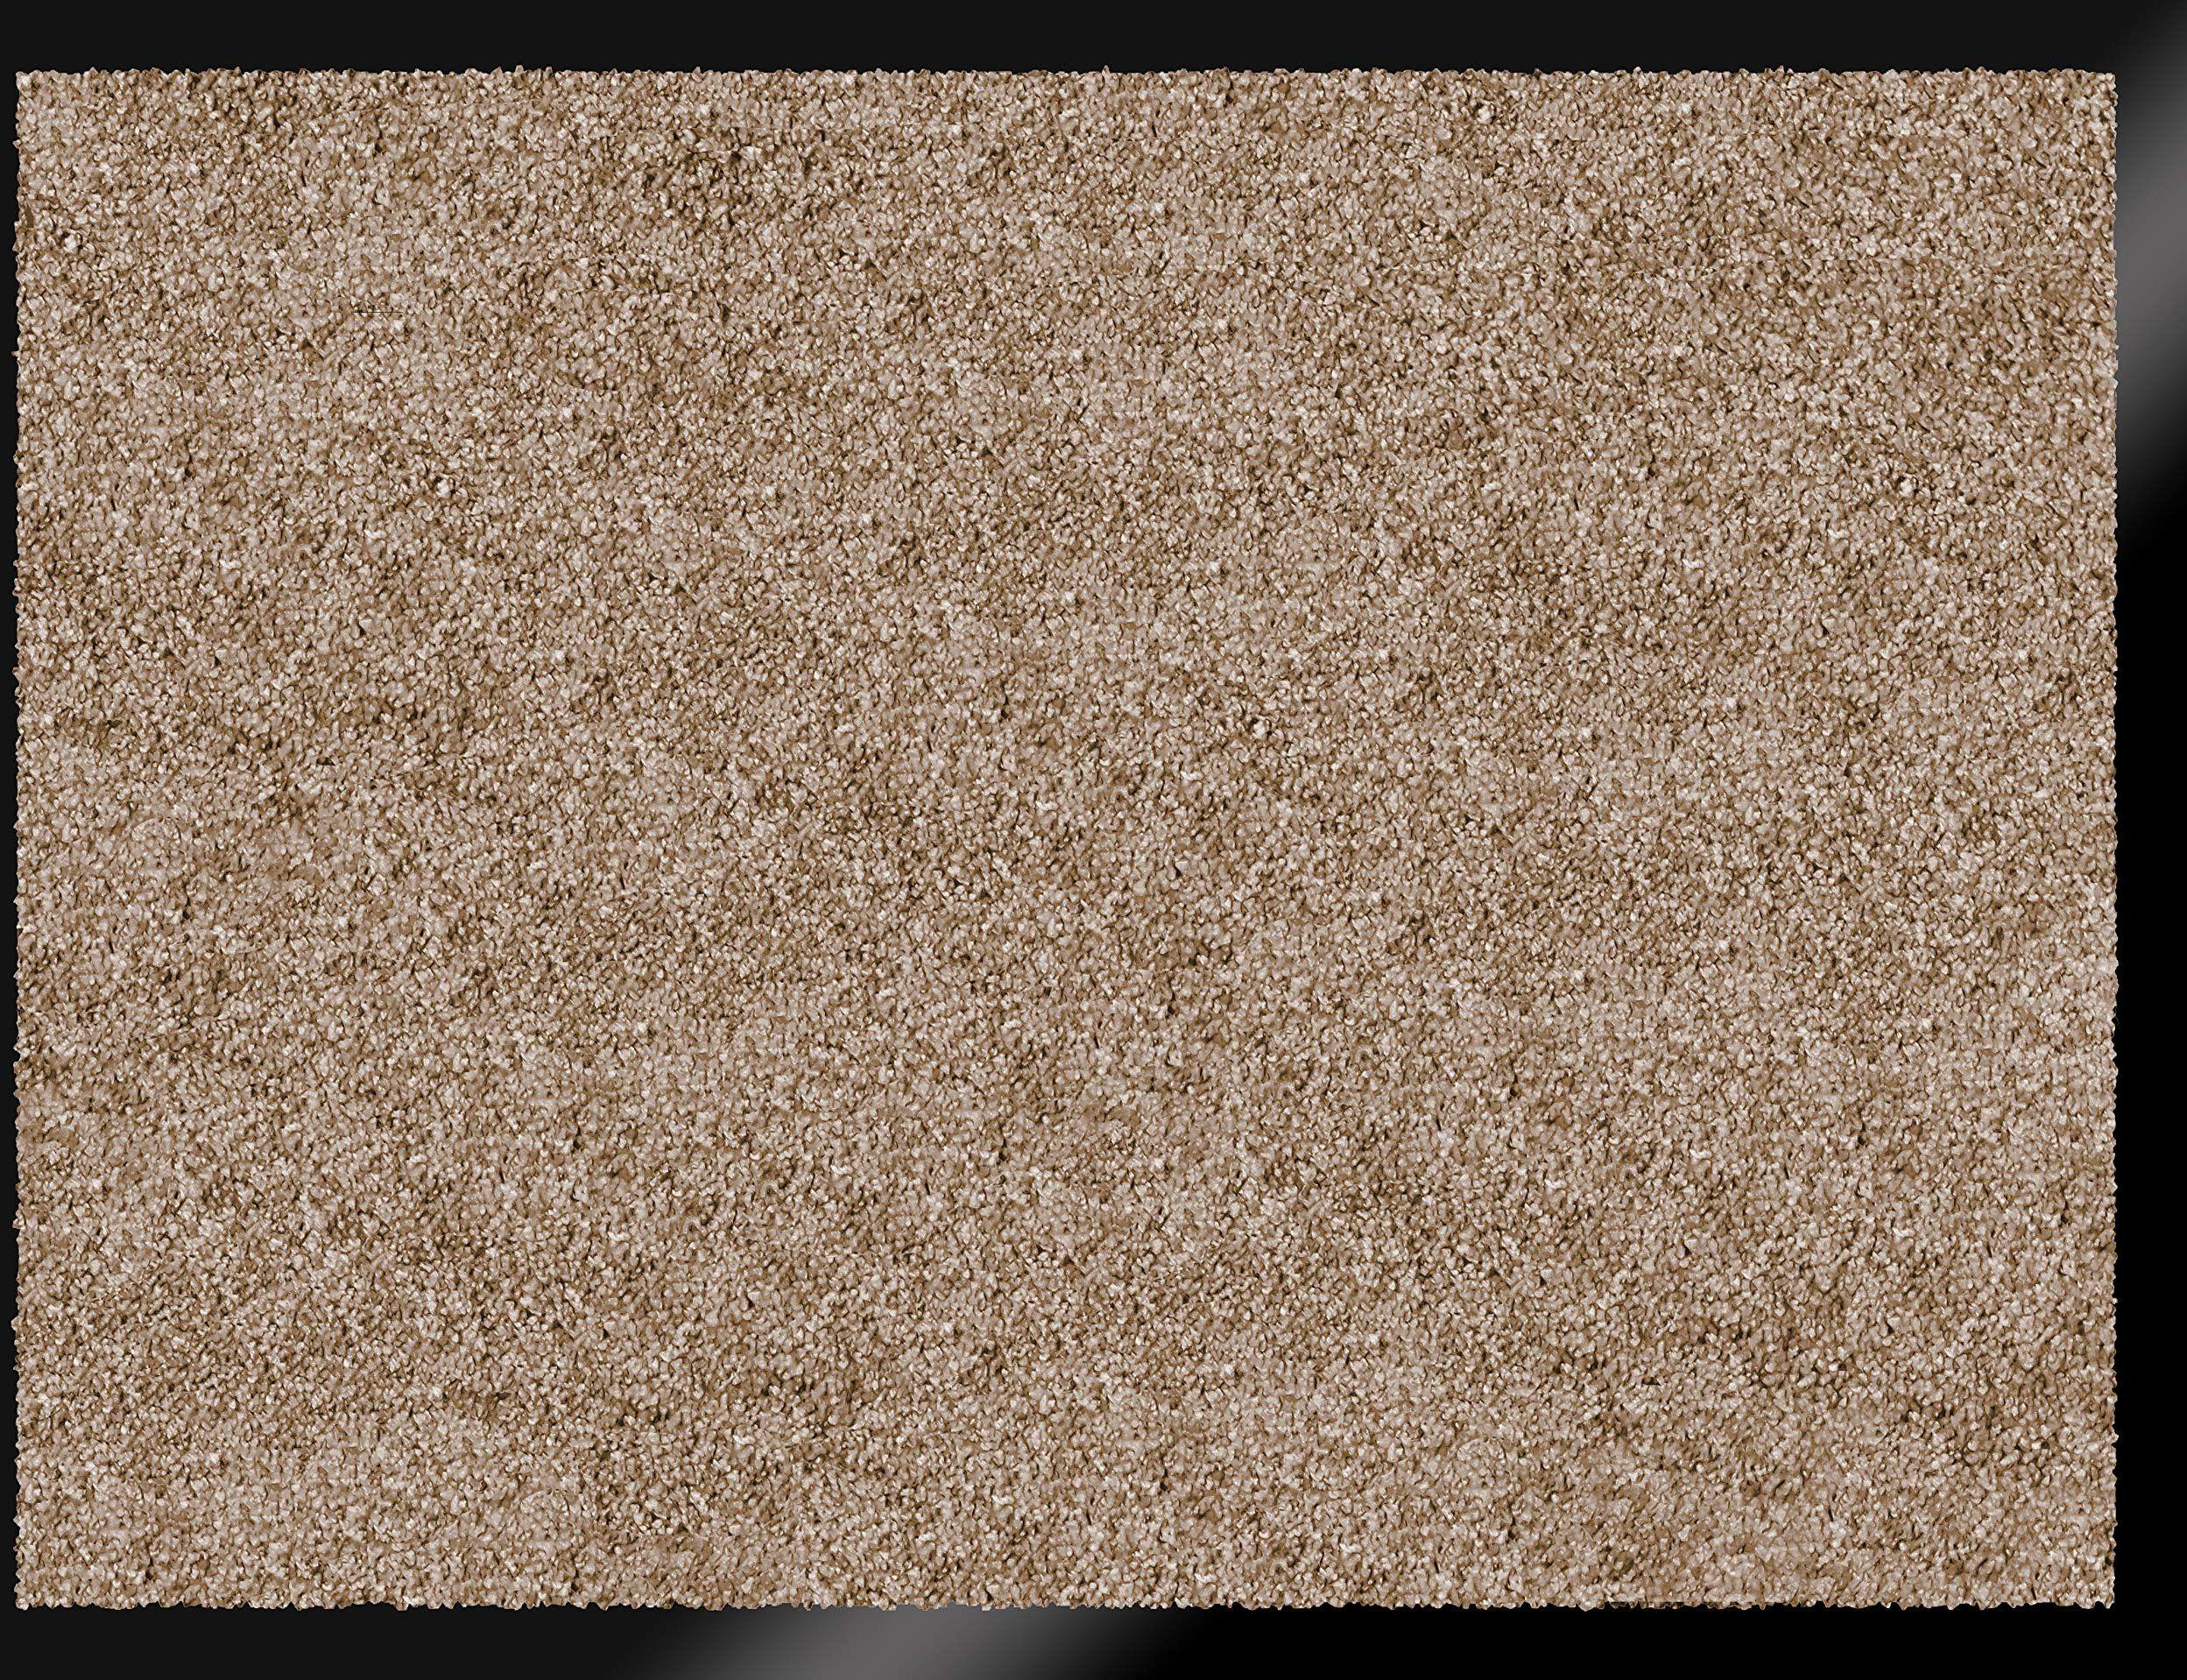 Matowy materiał wierzchni, włókna syntetyczne, beżowy, 60 x 80 x 0,9 cm